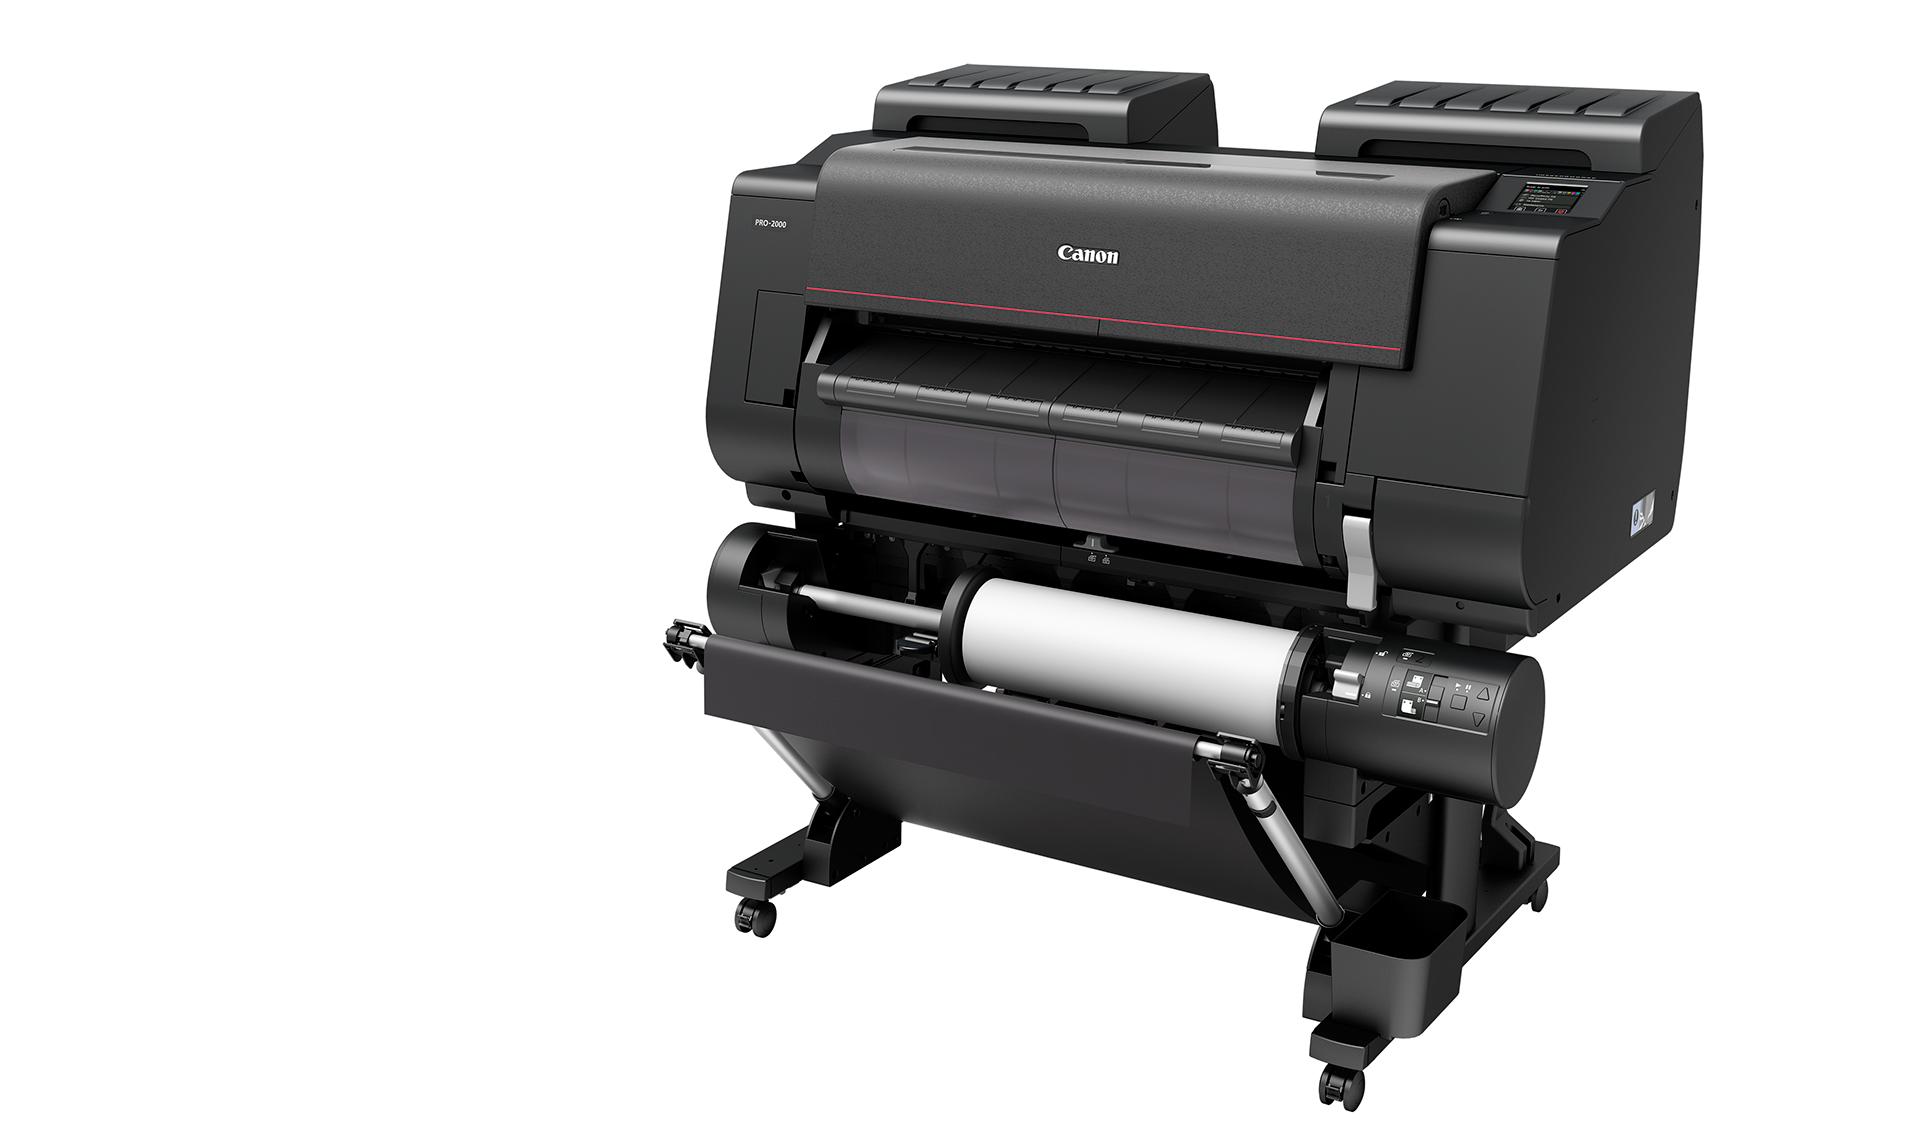 Тонкая красная линия: обзор широкоформатного принтера Canon imagePROGRAF PRO-2000 - 12